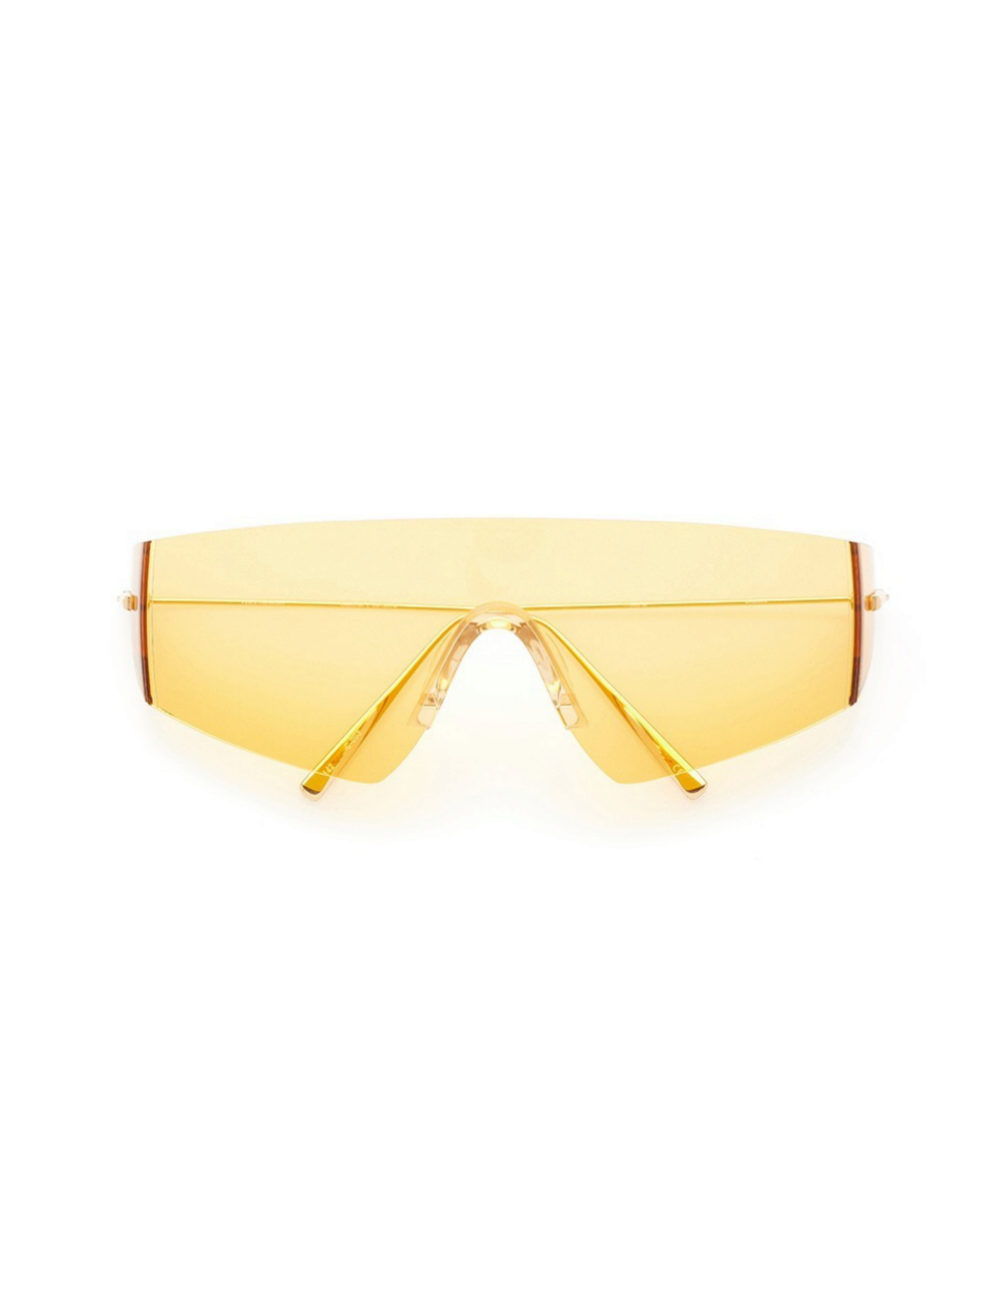 Gafas de sol en amarillo de Kaleos Eyehunters para Vasquiat (235¤)